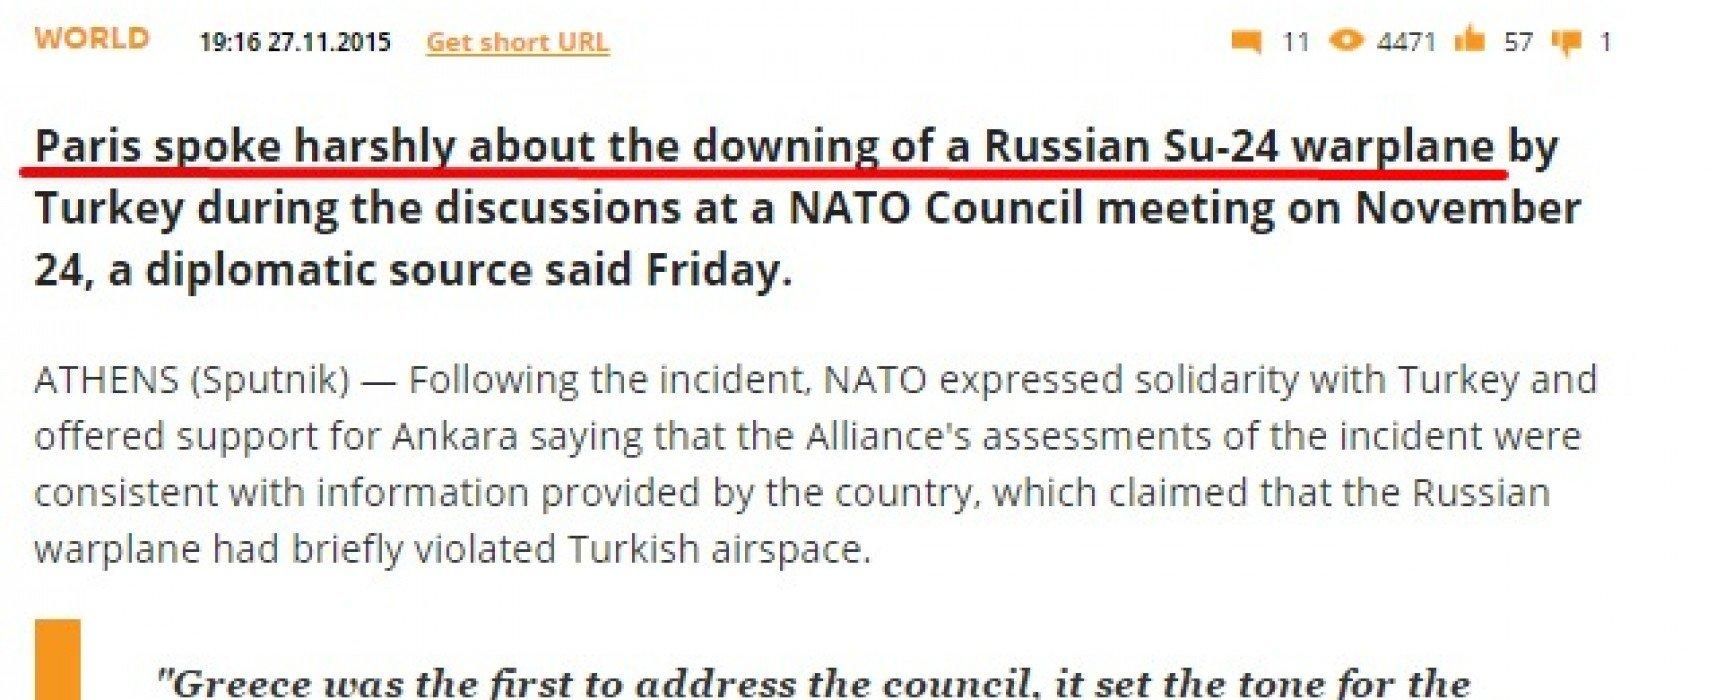 Френски дипломат обвини в лъжа изданието Sputnik